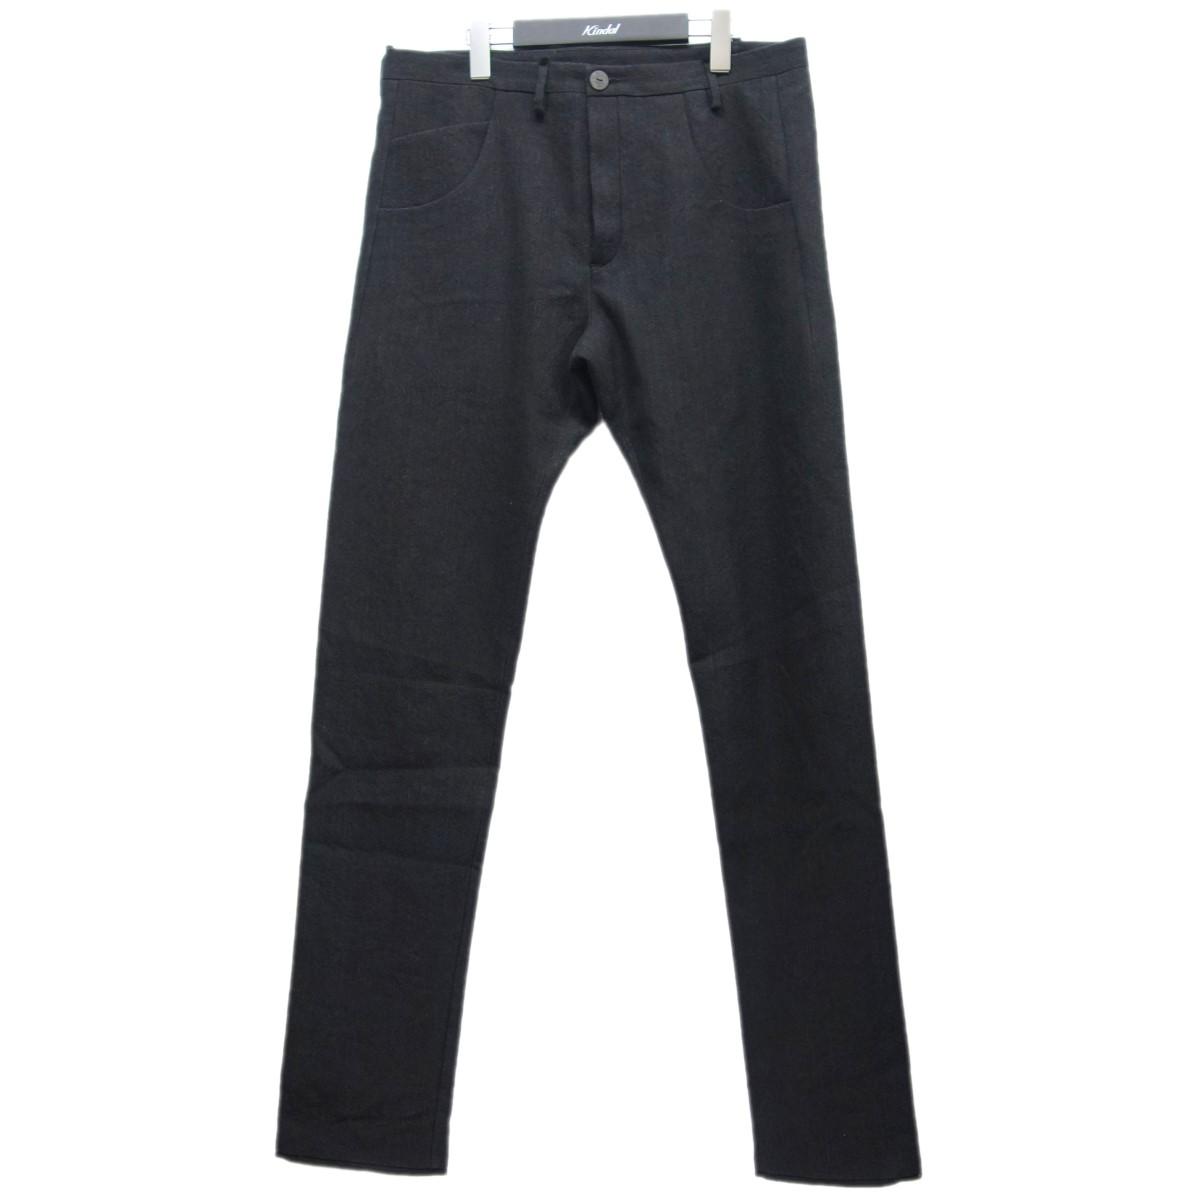 メンズファッション, ズボン・パンツ LABEL UNDER CONSTRUCTION ONE CUT HYBRID JEANS 50 121220